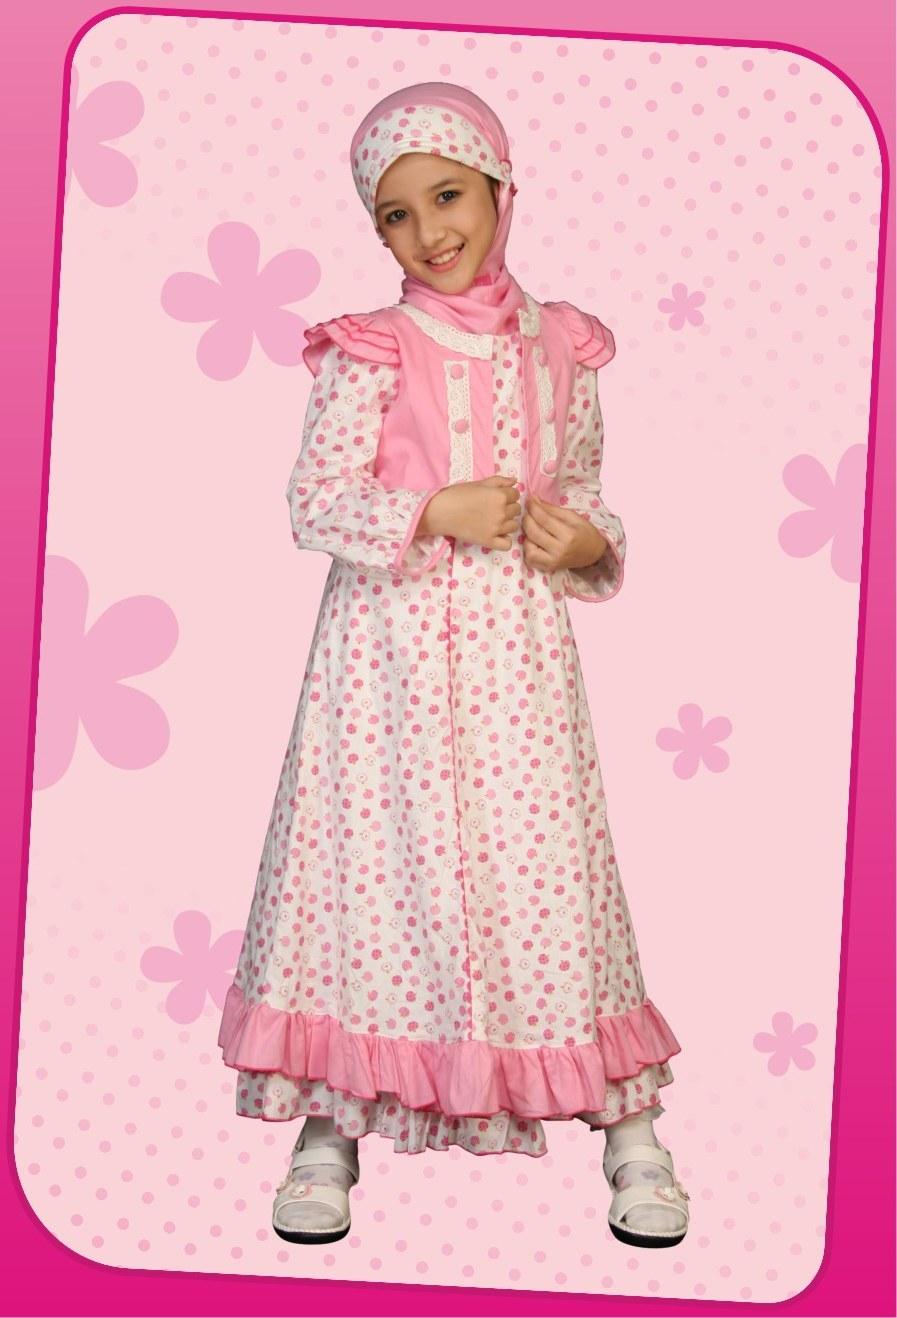 Inspirasi Baju Lebaran Anak Perempuan Terbaru 9ddf Be Happy Young Mother Busana Muslim Anak 2 Koleksi